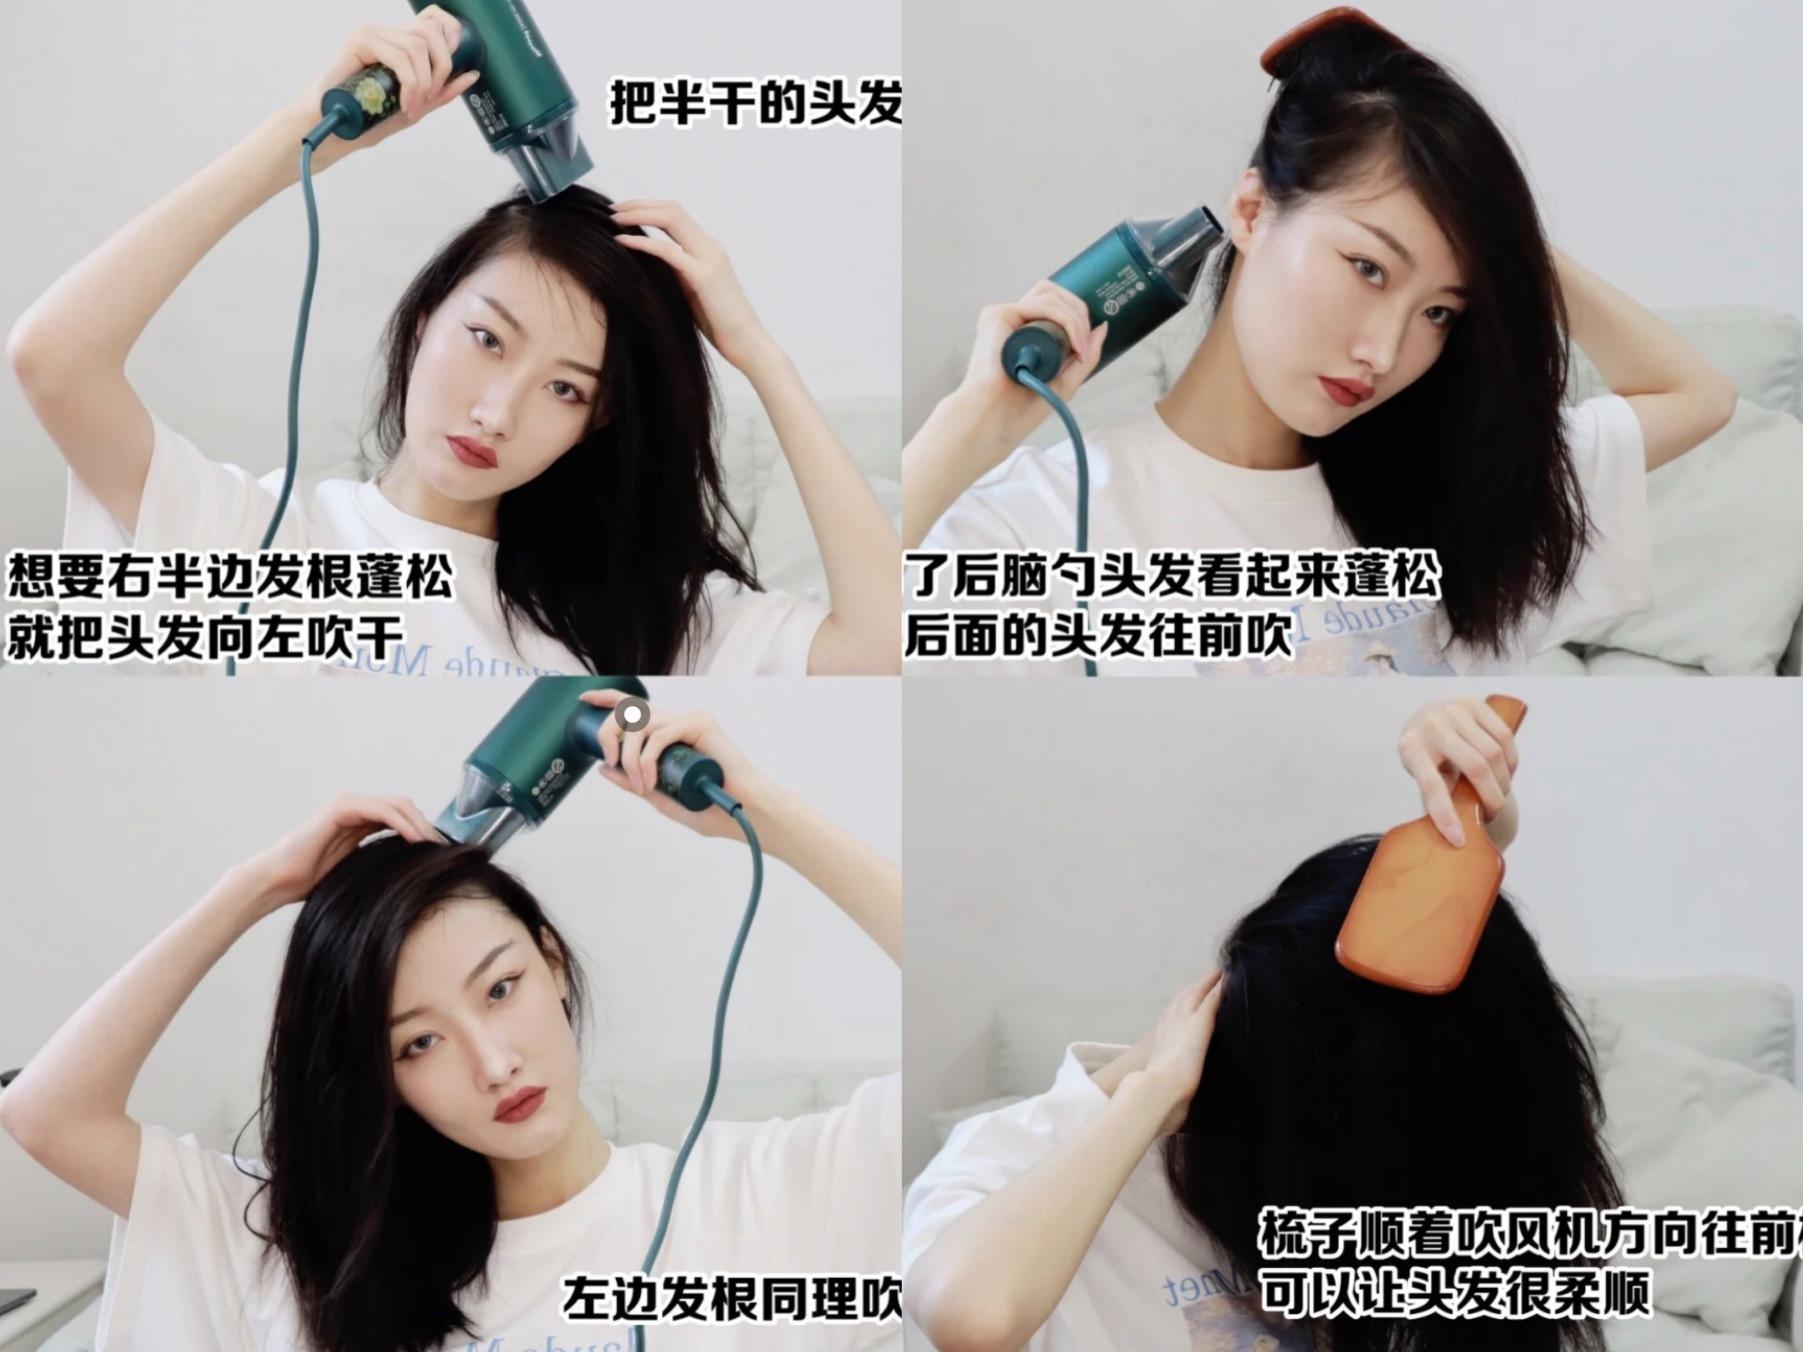 方脸别乱剪头发,这样做显脸小还减龄,氛围美女的气质直接拉满